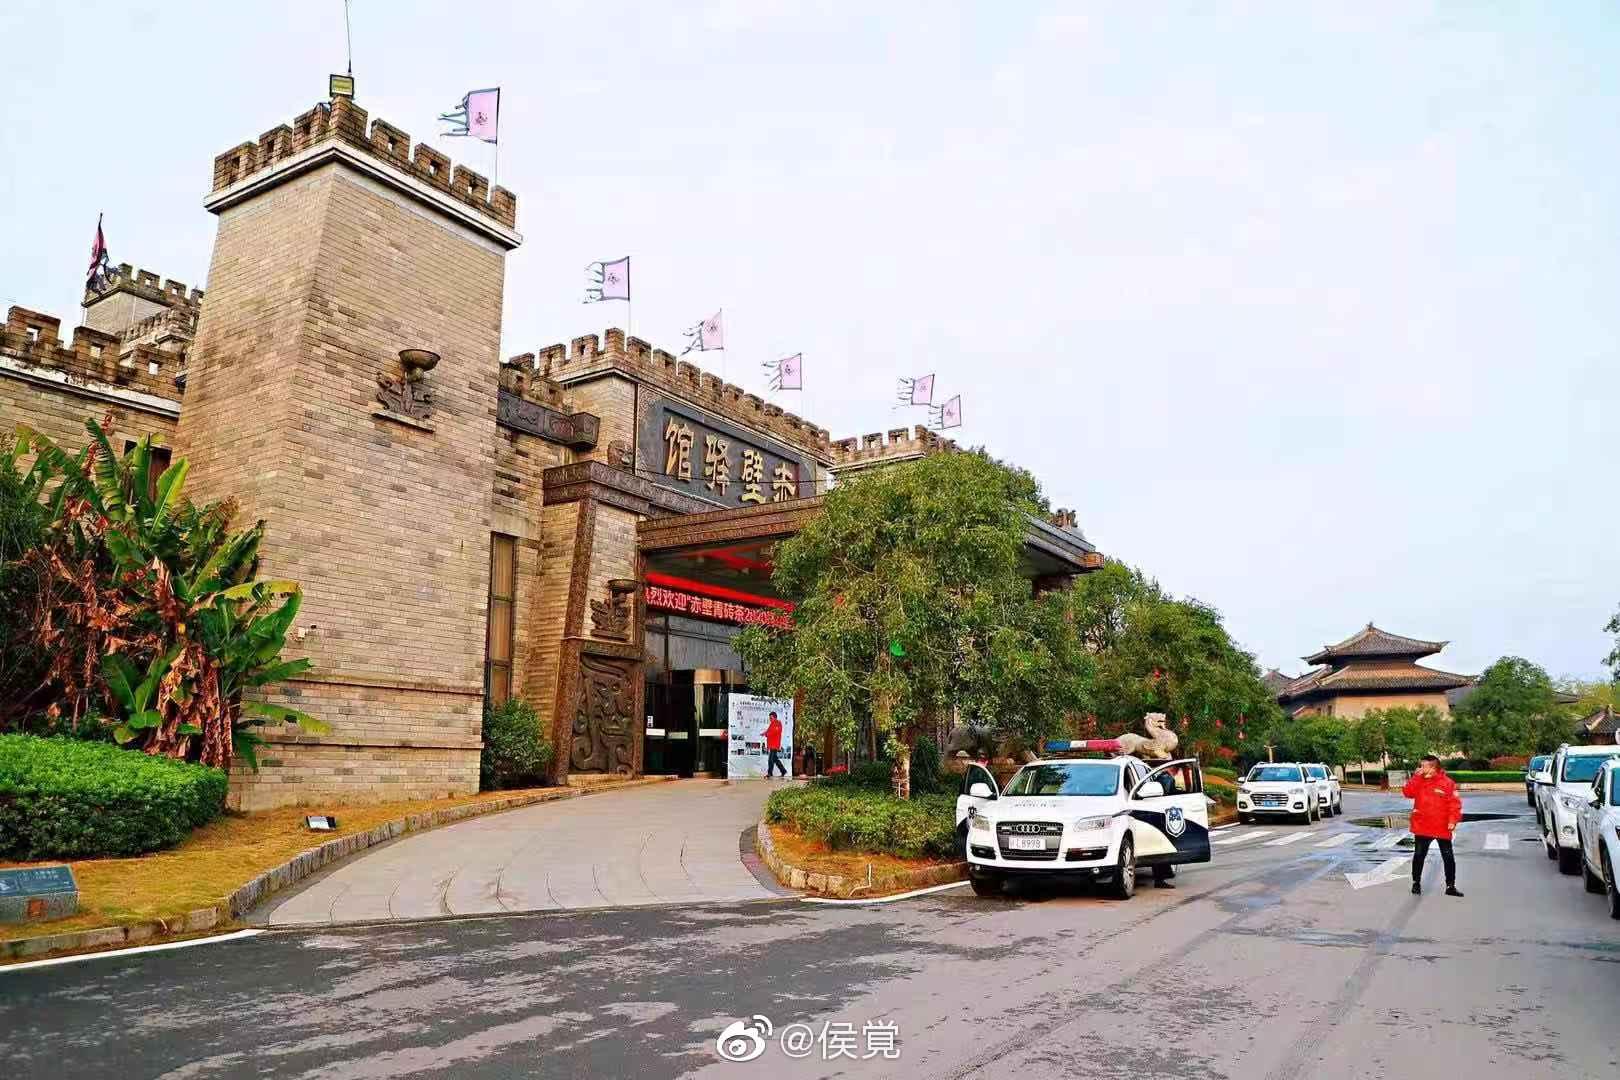 自驾旅行|品赤壁青砖茶 游古镇羊楼洞赤壁羊楼洞茶产区位于幕阜山南